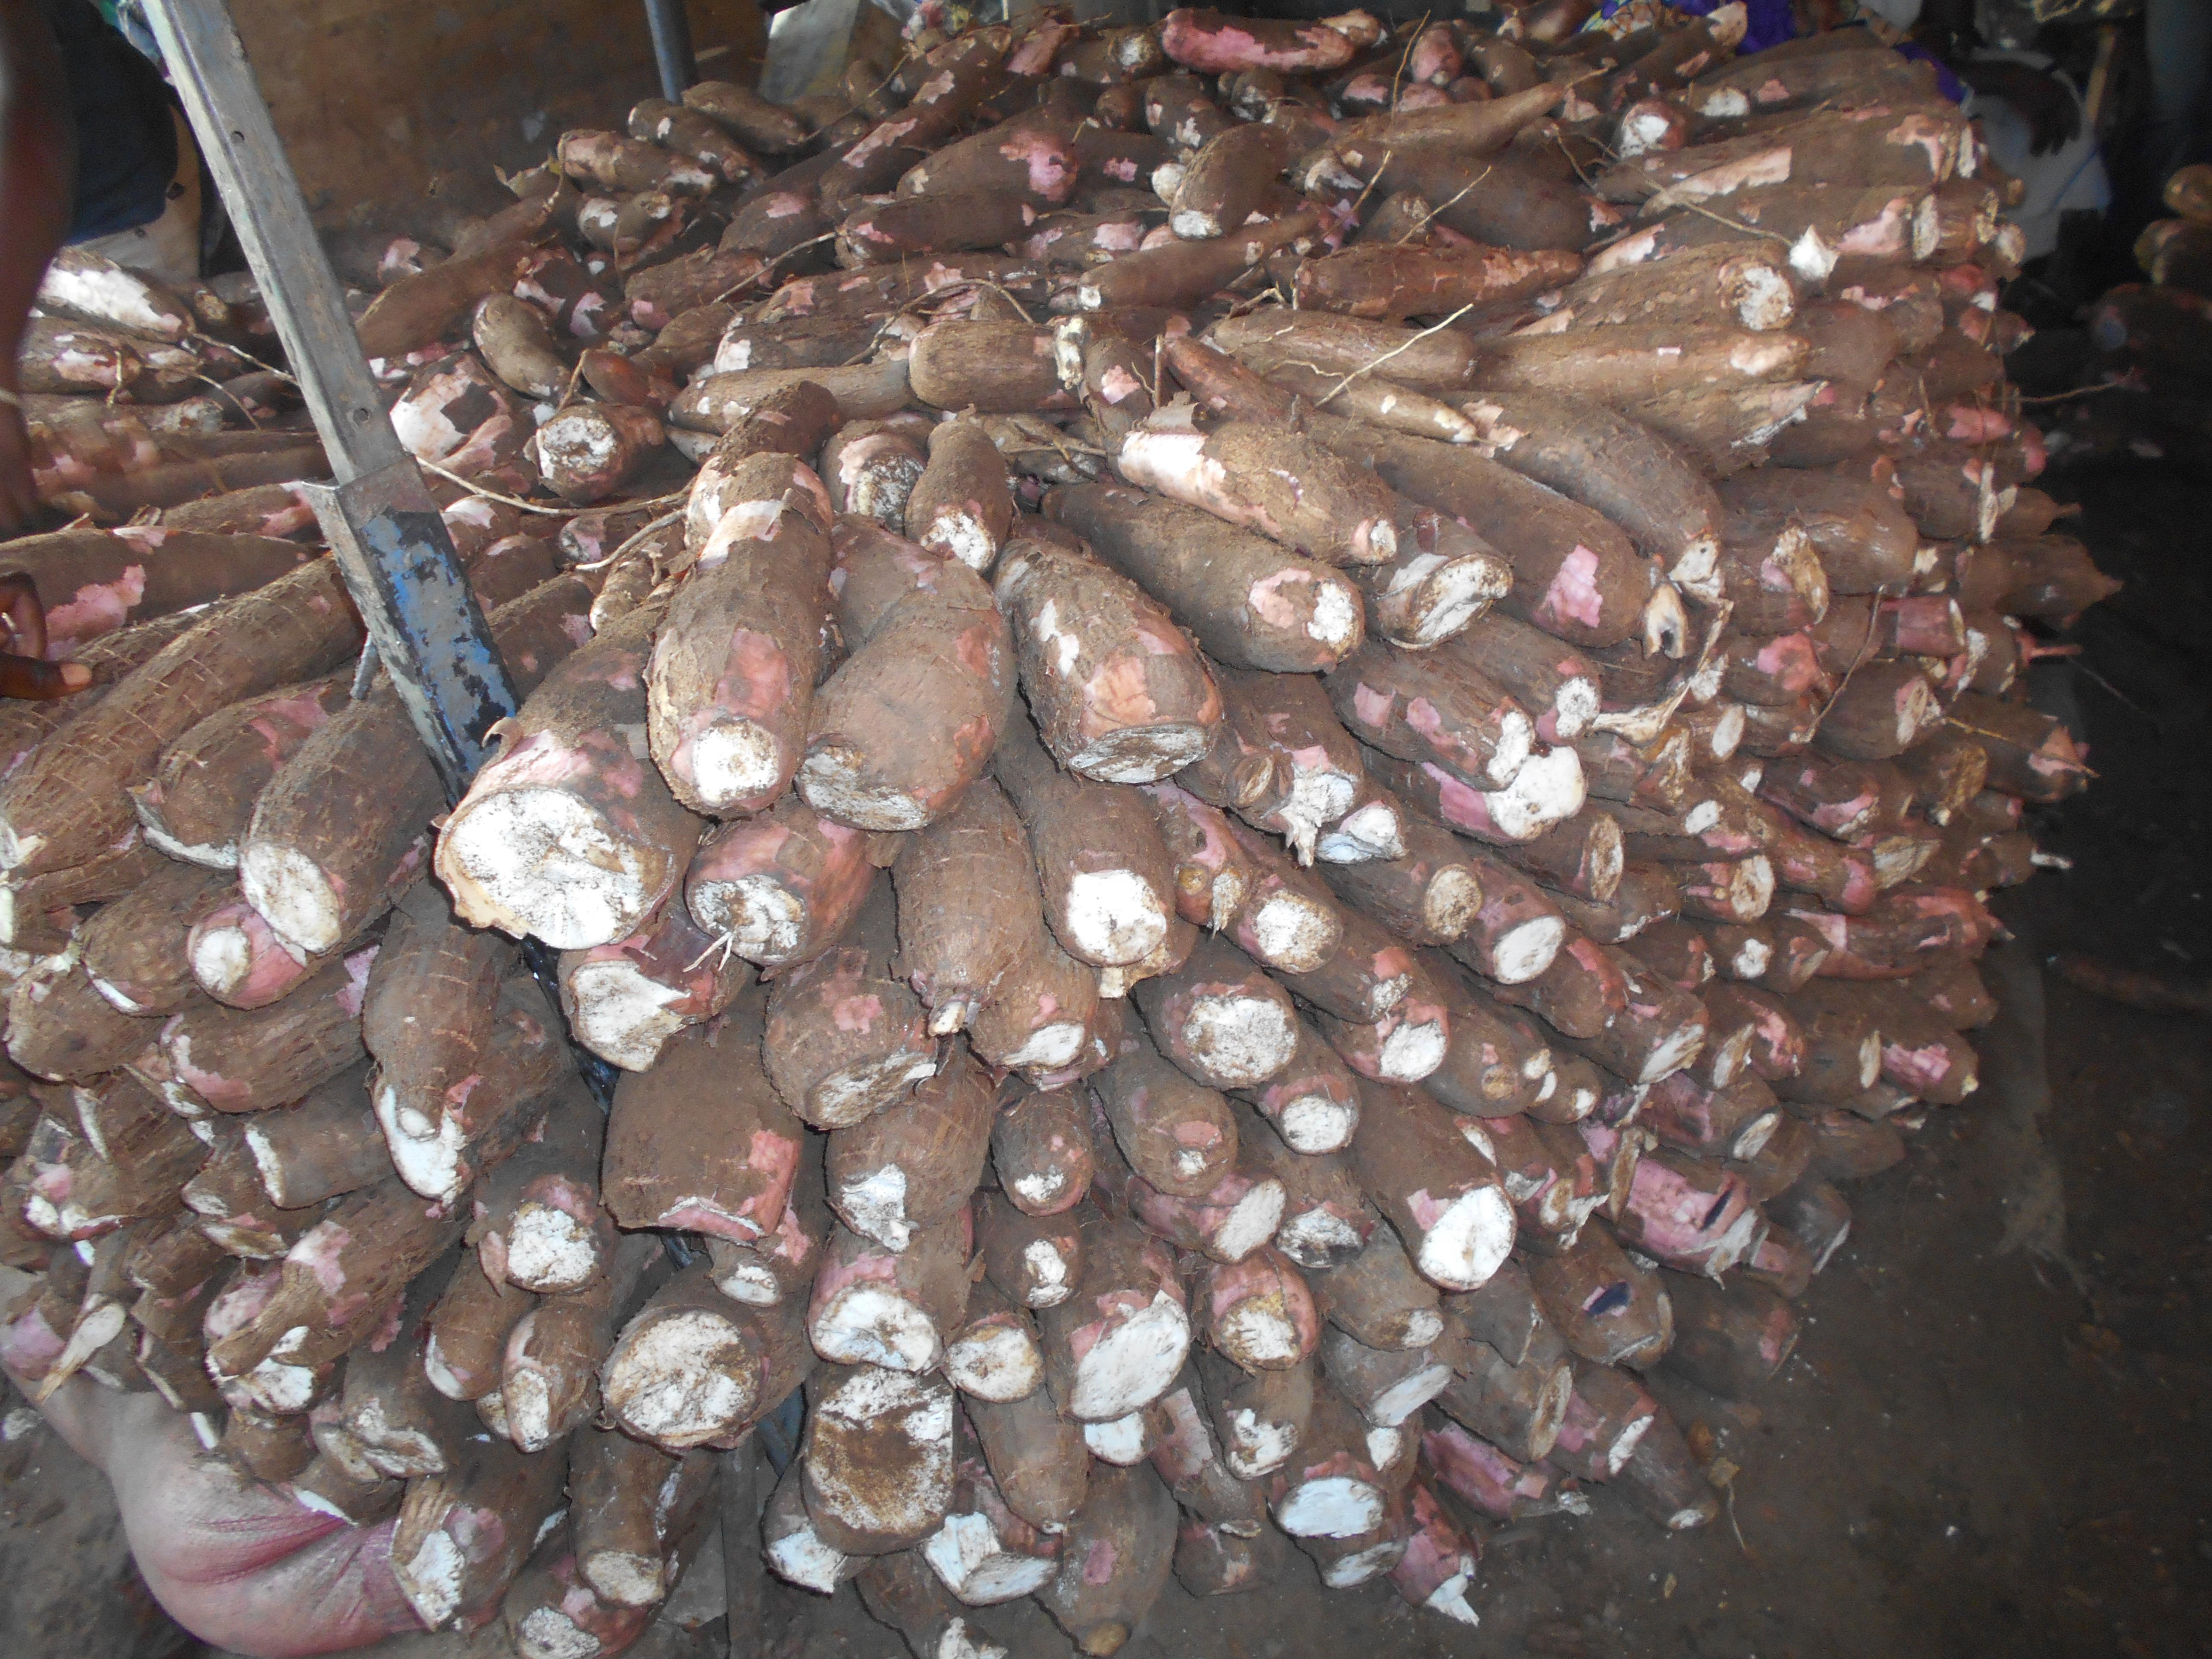 AGRICULTURE : La striure brune, la maladie du manioc qui menace l'Afrique de l'Ouest